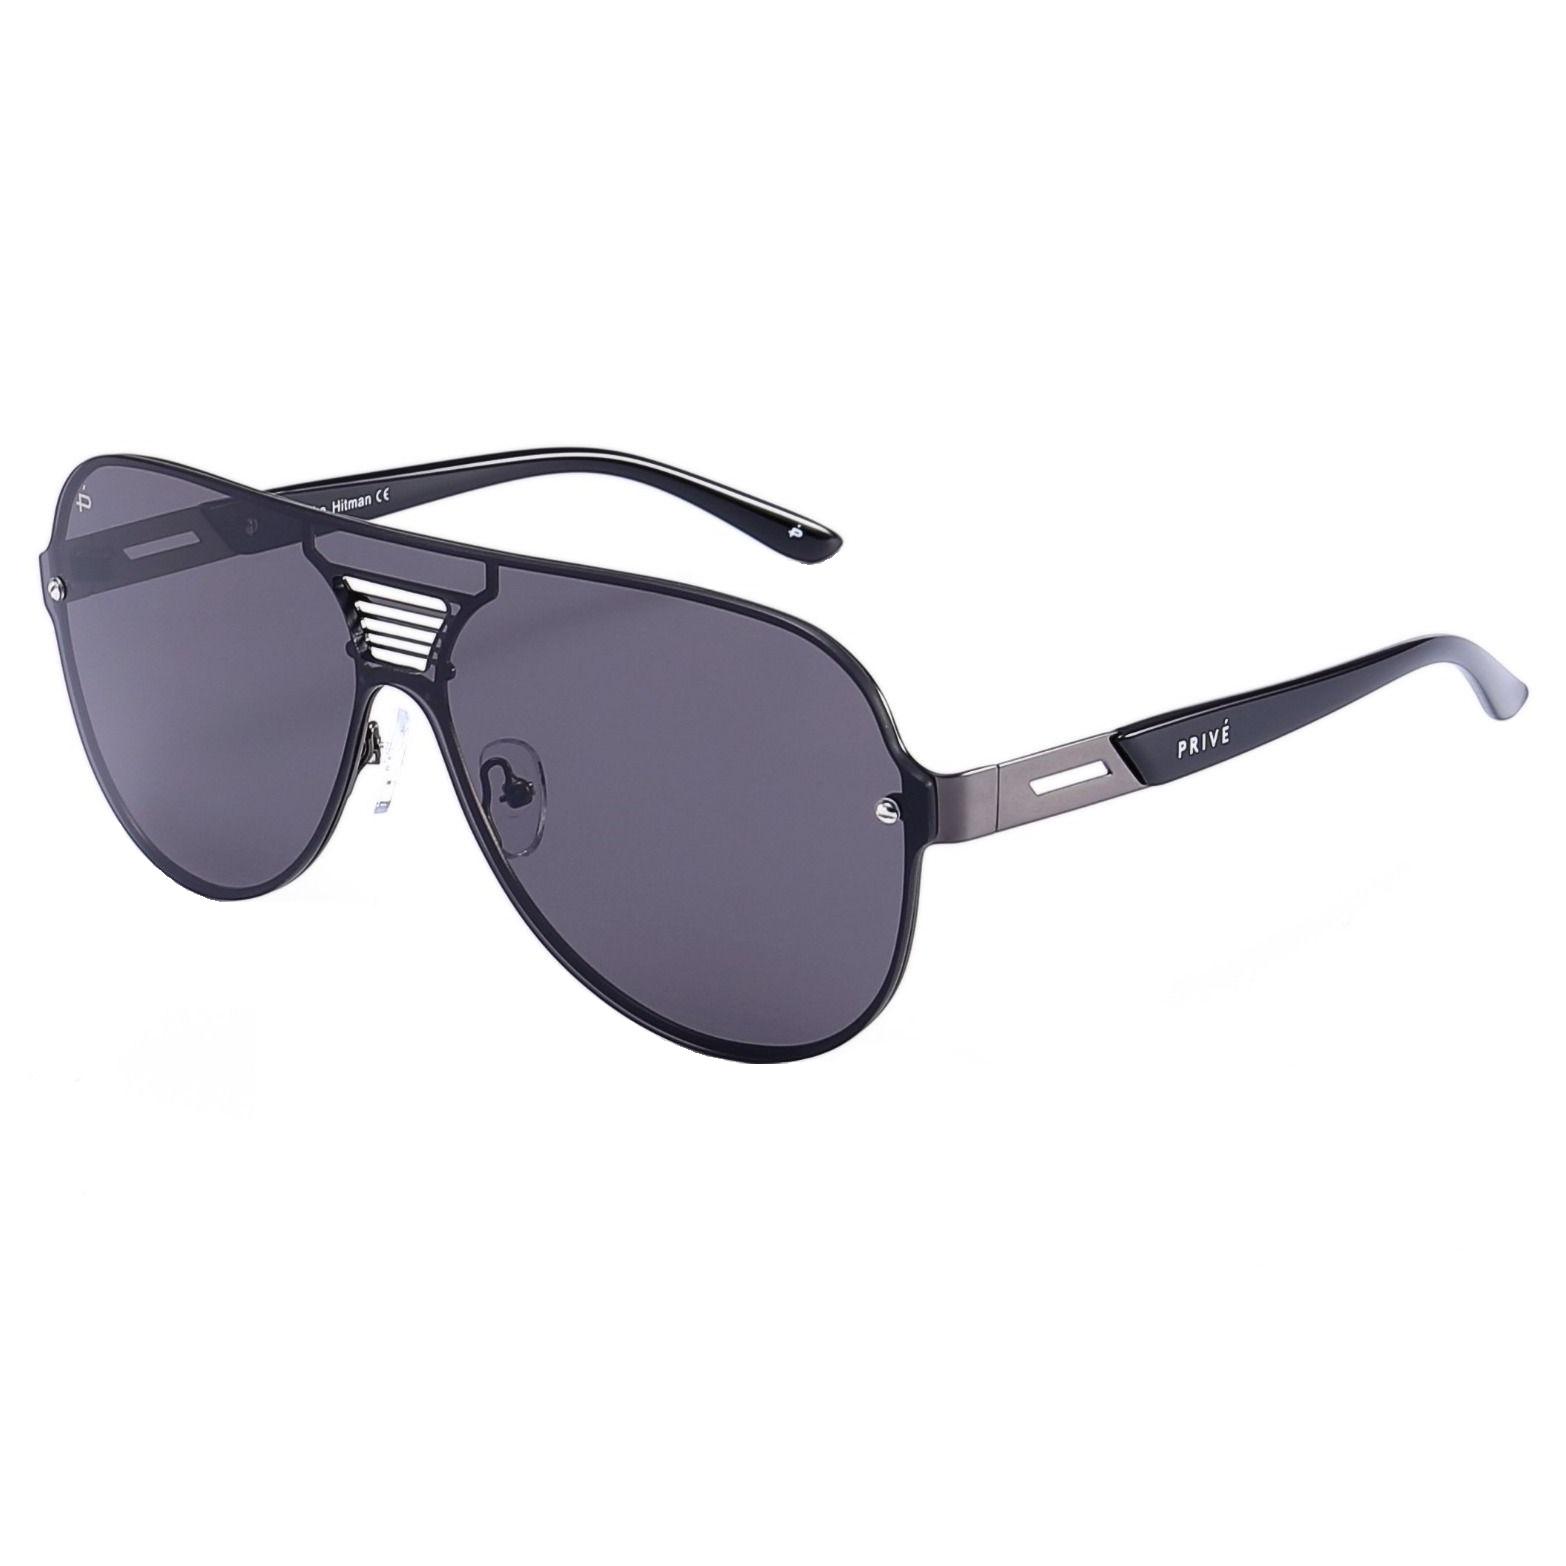 عینک آفتابی پیریوی ریوو  مدل Hitman-B